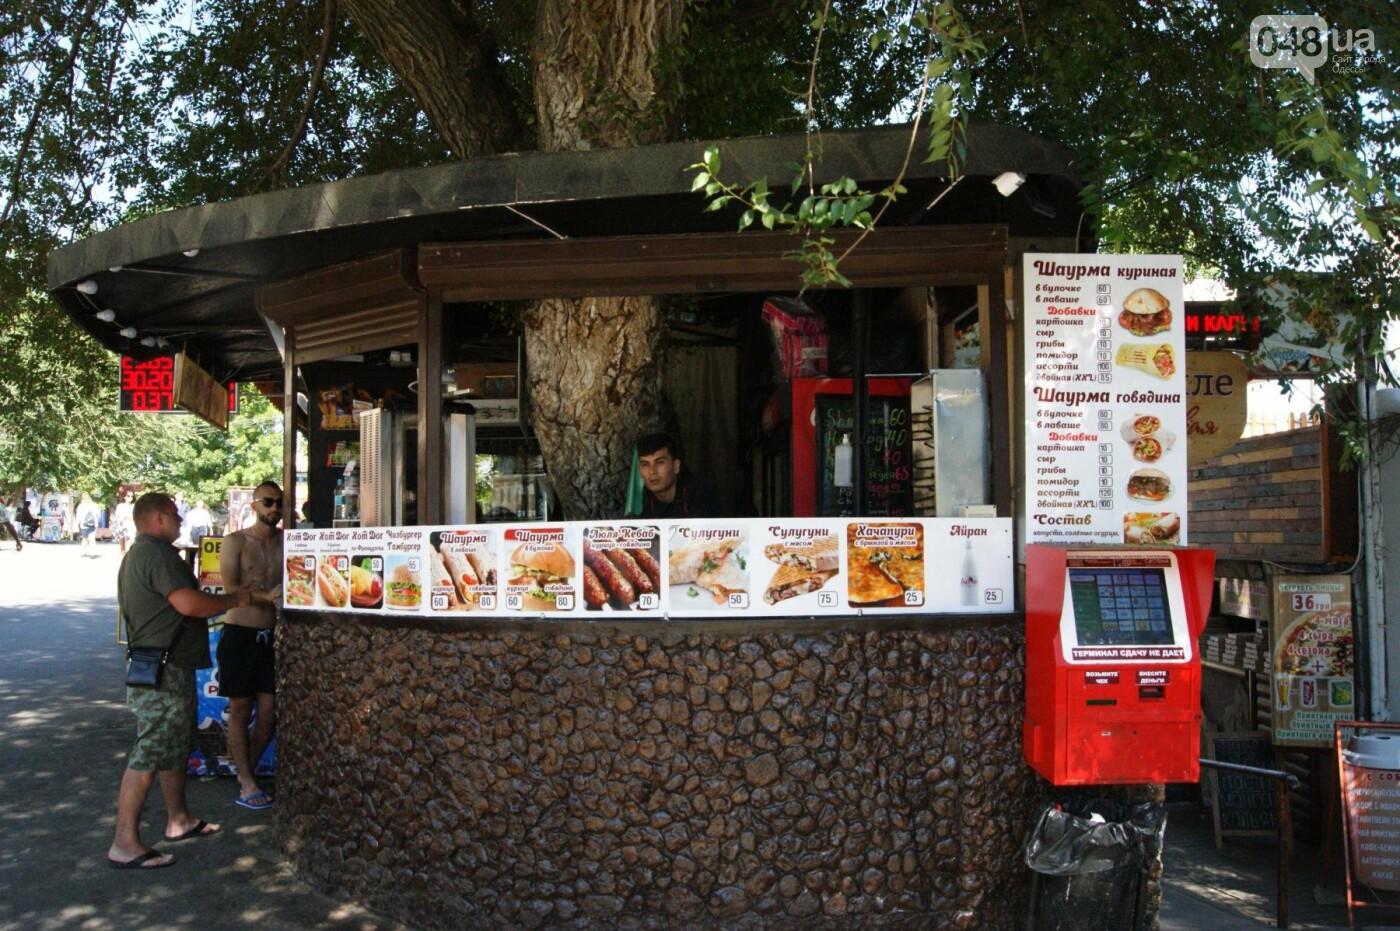 Сколько стоит пообедать в Аркадии: ищем недорогие вкусные варианты, - ФОТО, фото-5